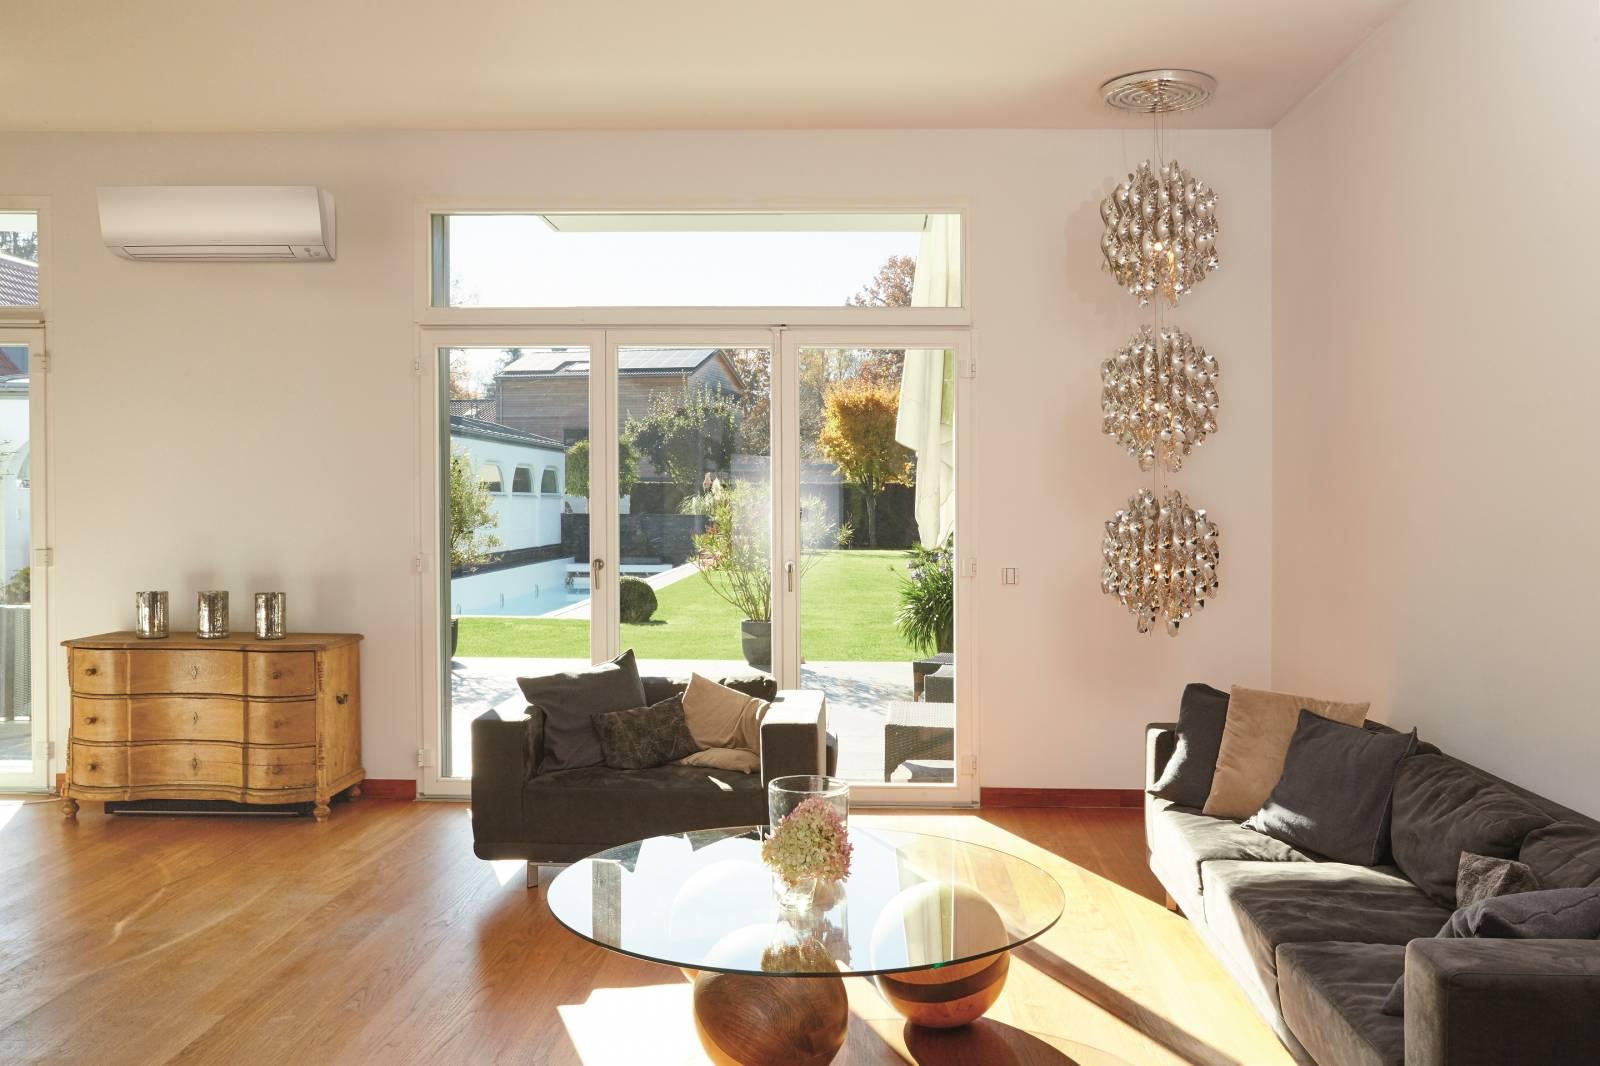 climatisation daikin fluide r32 fr jus saint raphael puget sur argens les adrets de l. Black Bedroom Furniture Sets. Home Design Ideas